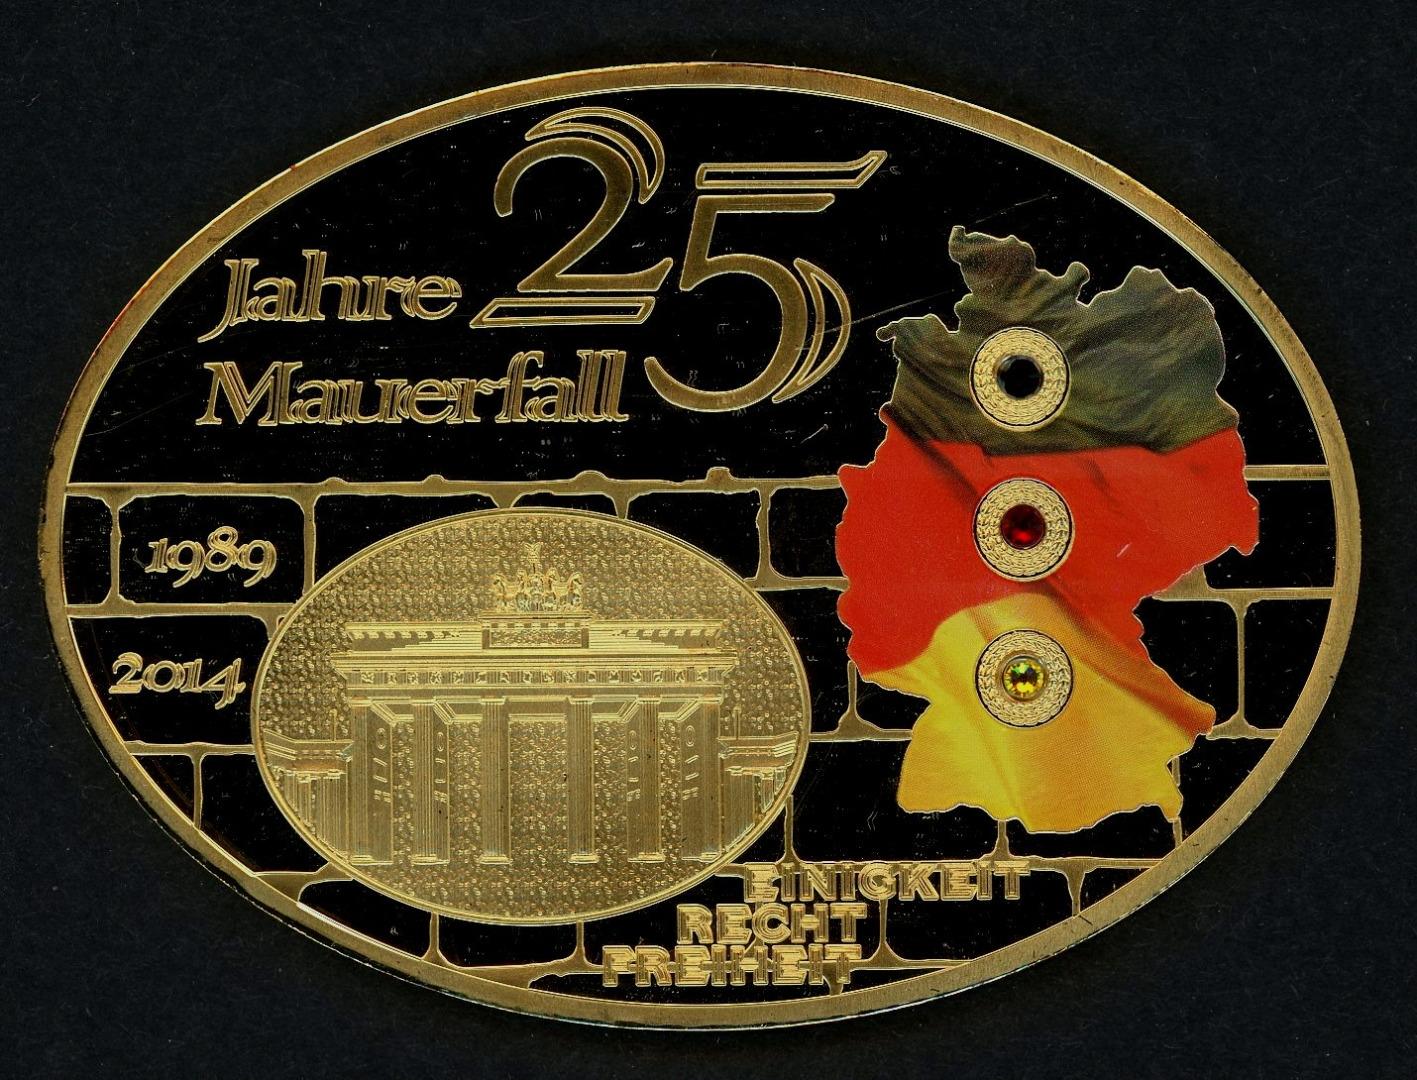 2014 Medaille 25 Jahre Mauerfall Mit Farbdruck Und Swarowski Pp